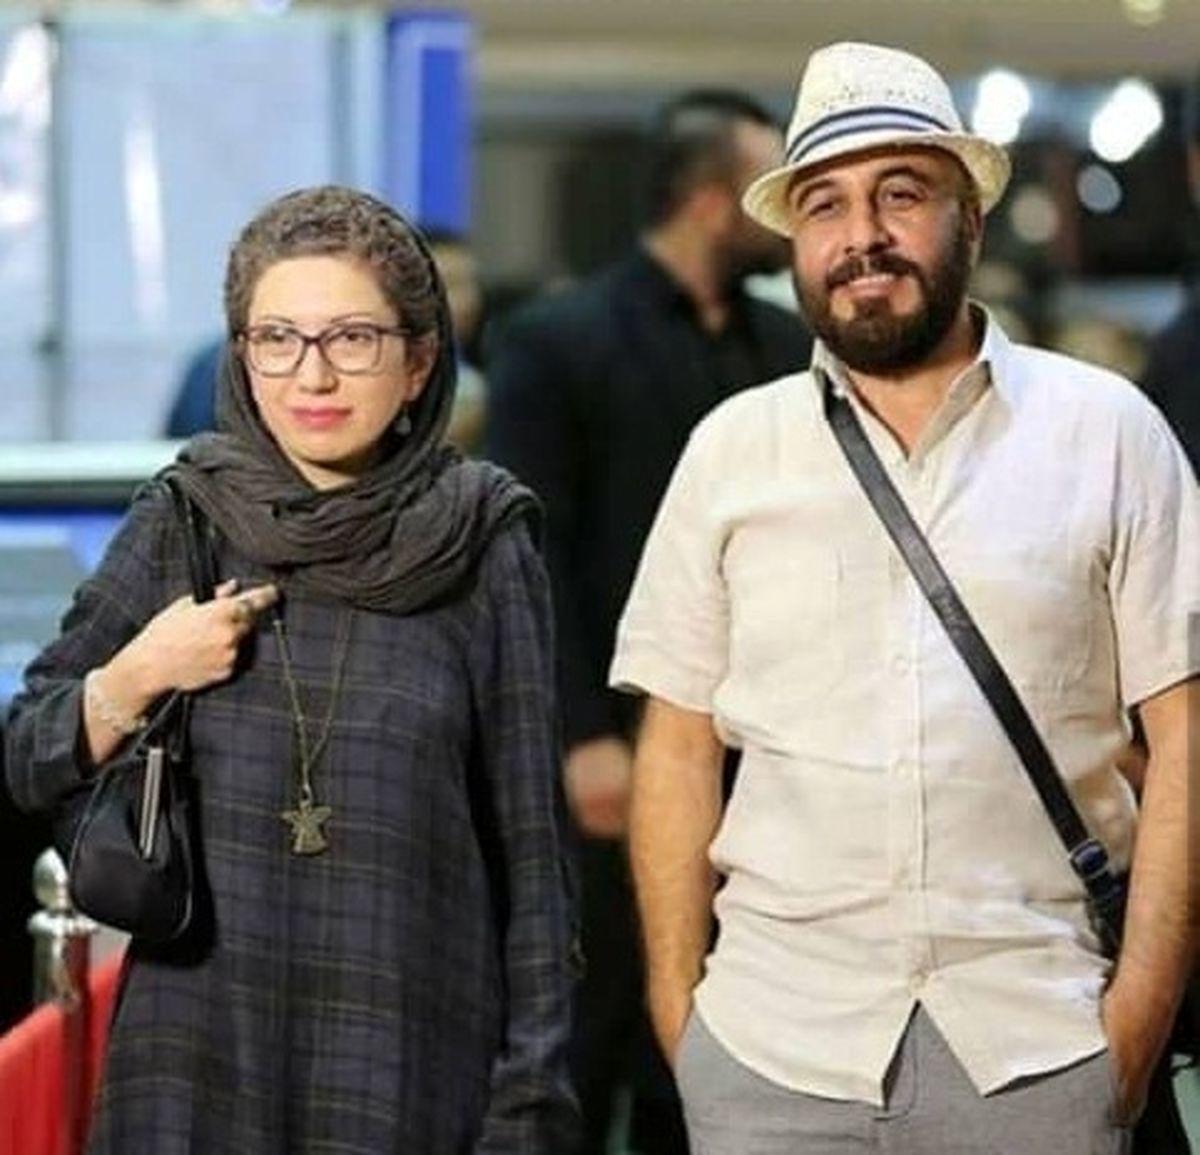 این زن همسر رضا عطاران است؟/ موهای فر و بلوند همسر رضا عطاران + عکس